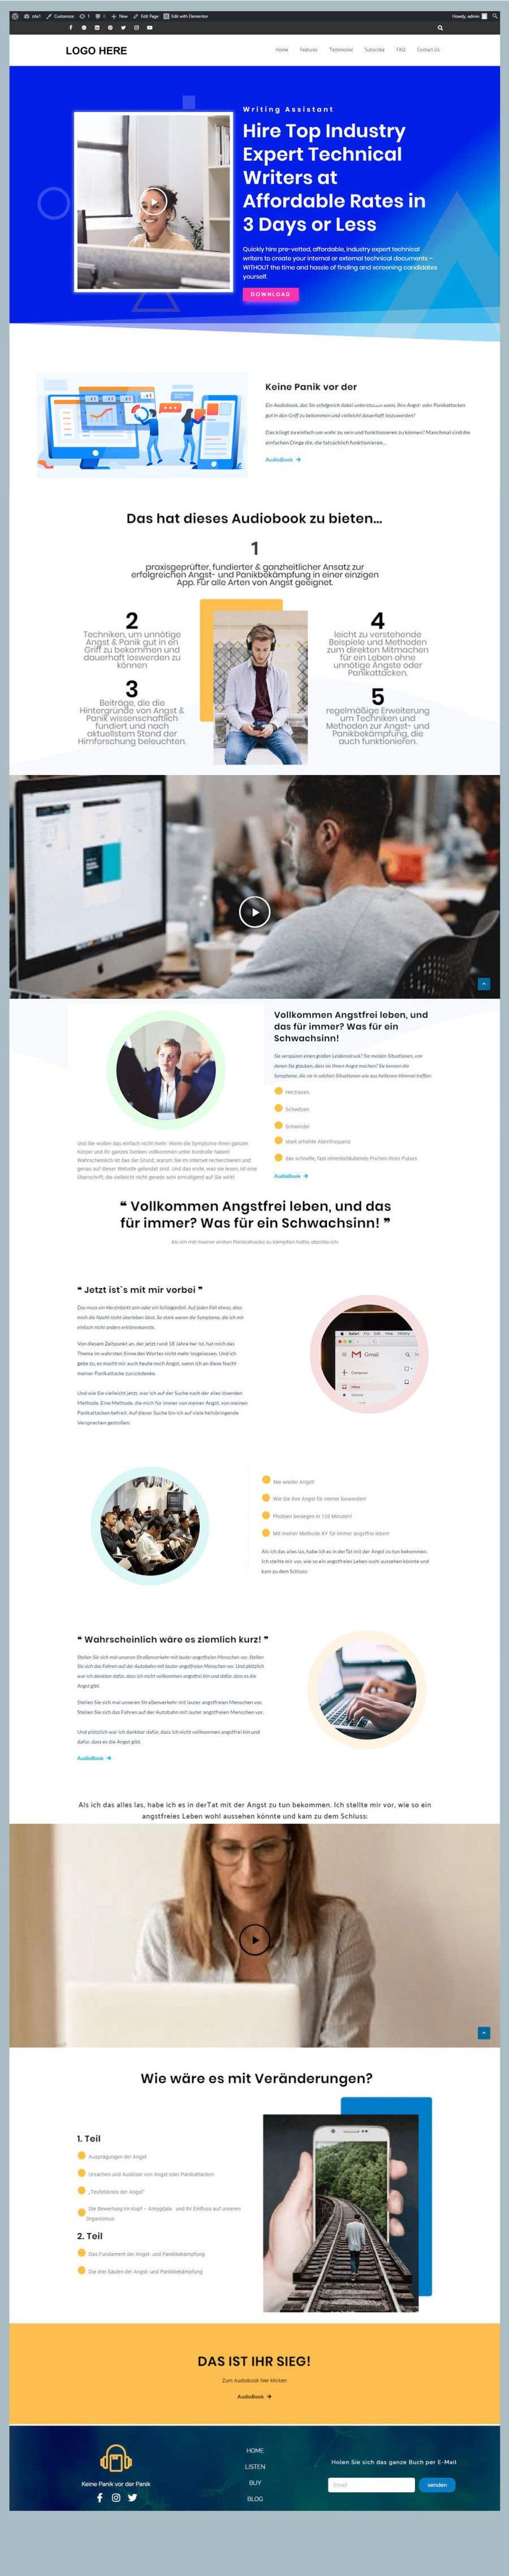 Penyertaan Peraduan #                                        10                                      untuk                                         Application of Toolset.com plugin within Wordpress theme